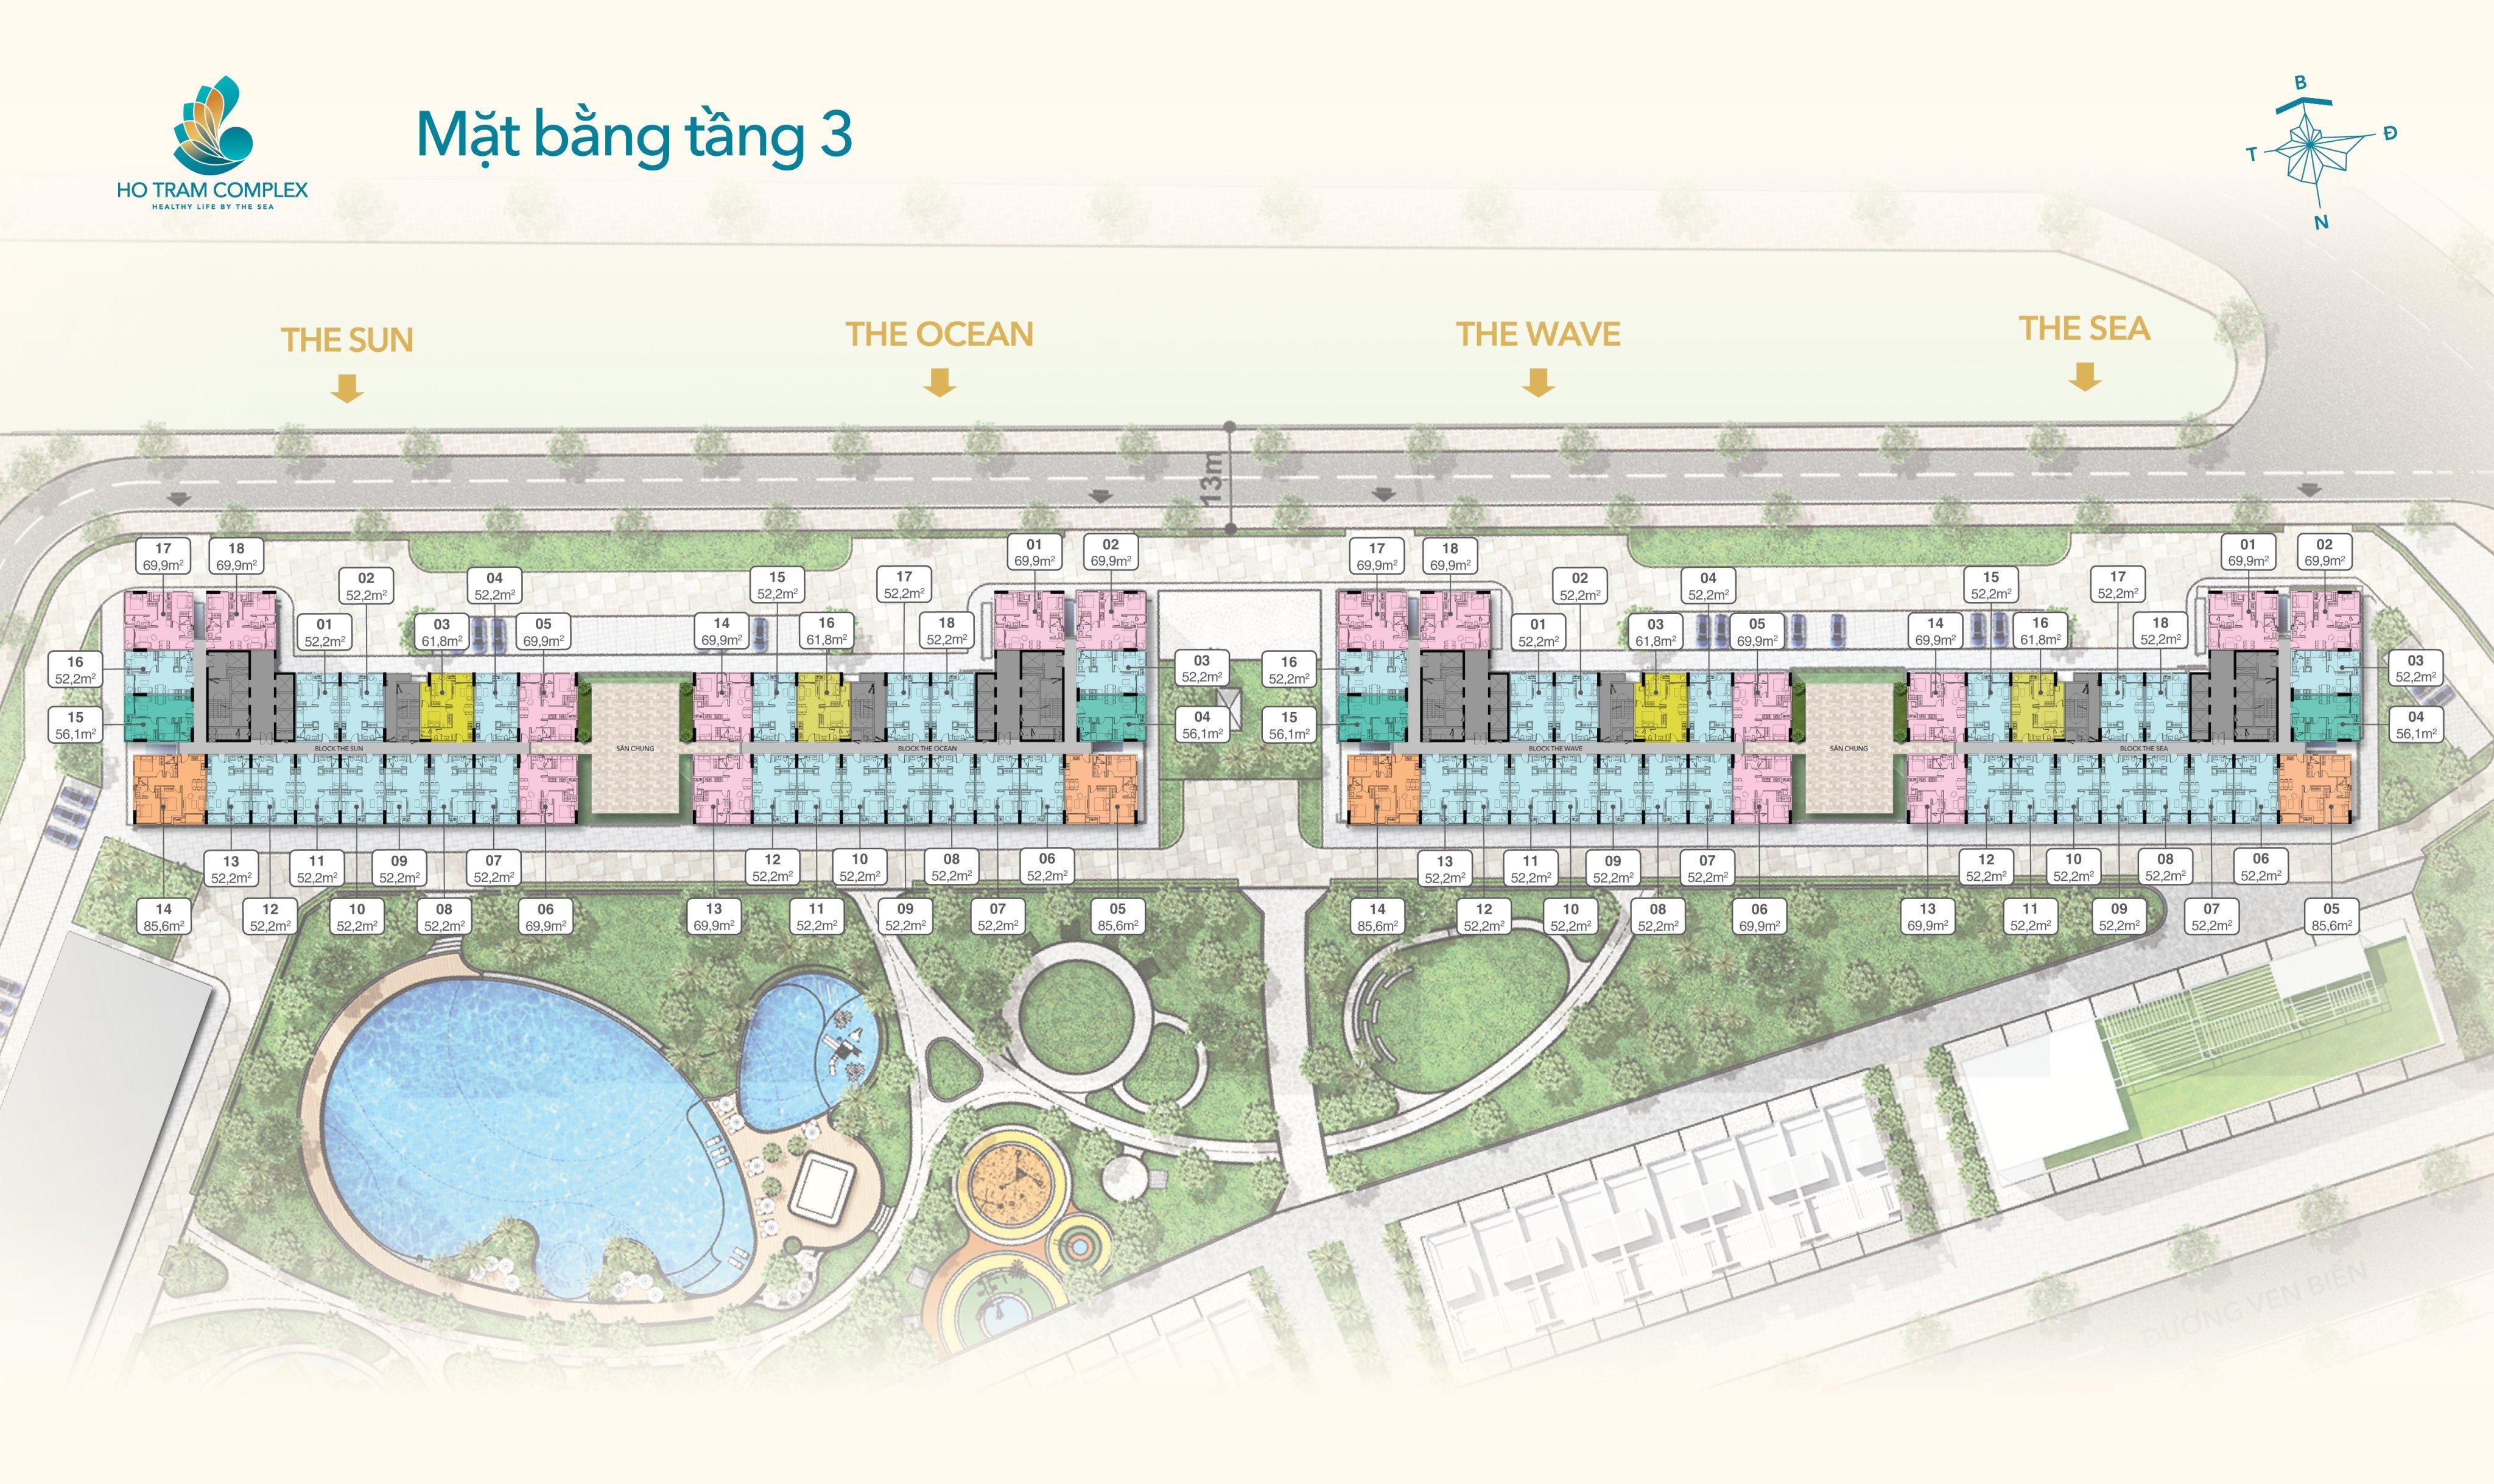 Mặt bằng tầng 3 dự án Ho Tram Complex